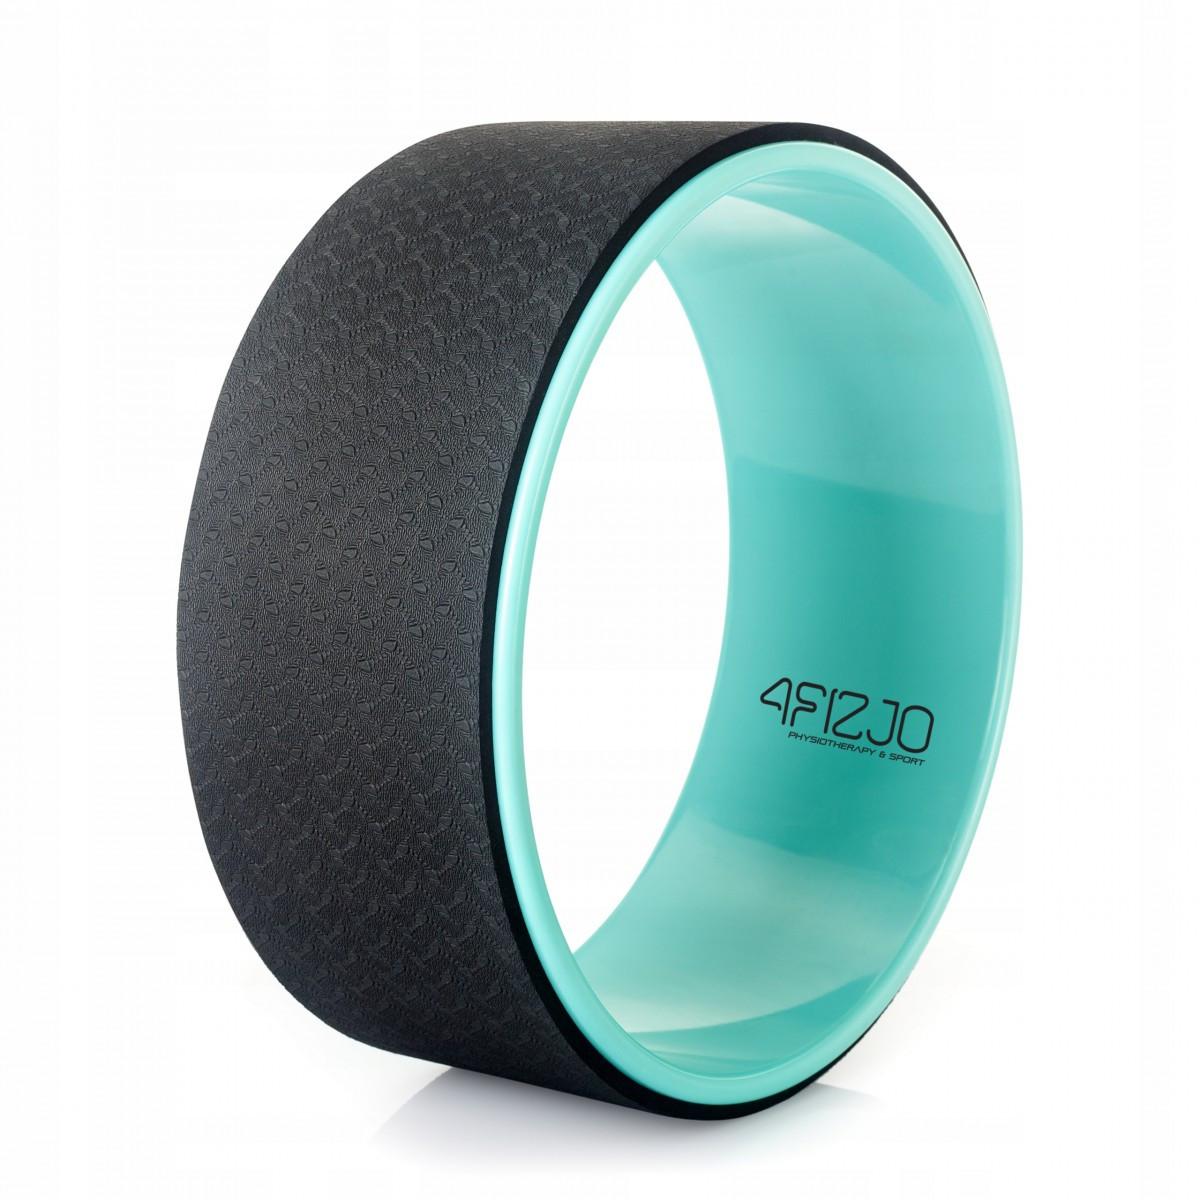 Колесо для йоги и фитнеса кольцо круг 4FIZJO Dharma 4FJ1448 Green